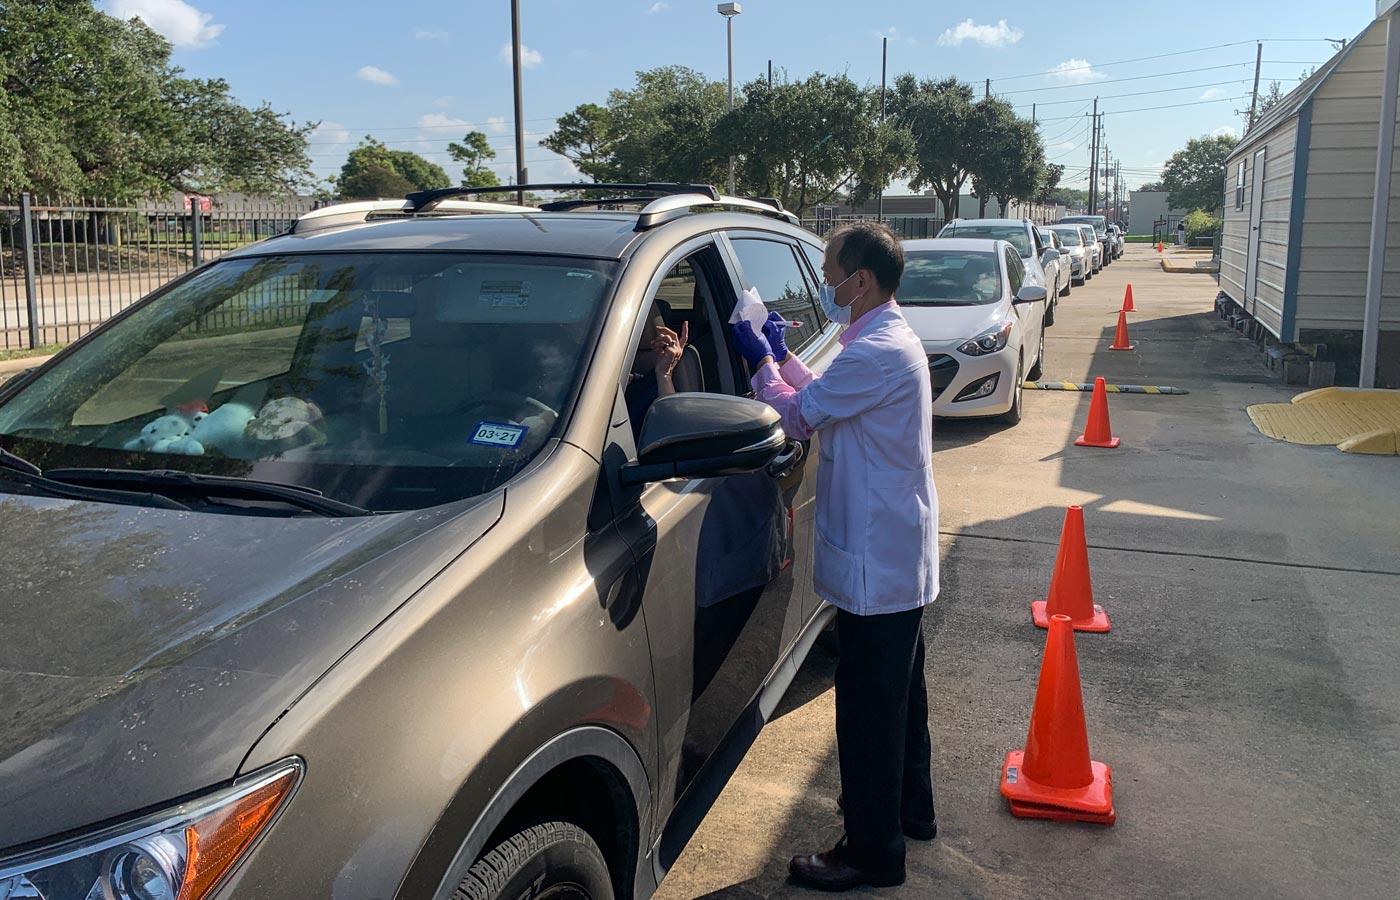 Los beneficiarios de la atención esperan su turno pacientemente y en la seguridad de sus automóviles. Foto: Roger Lin.